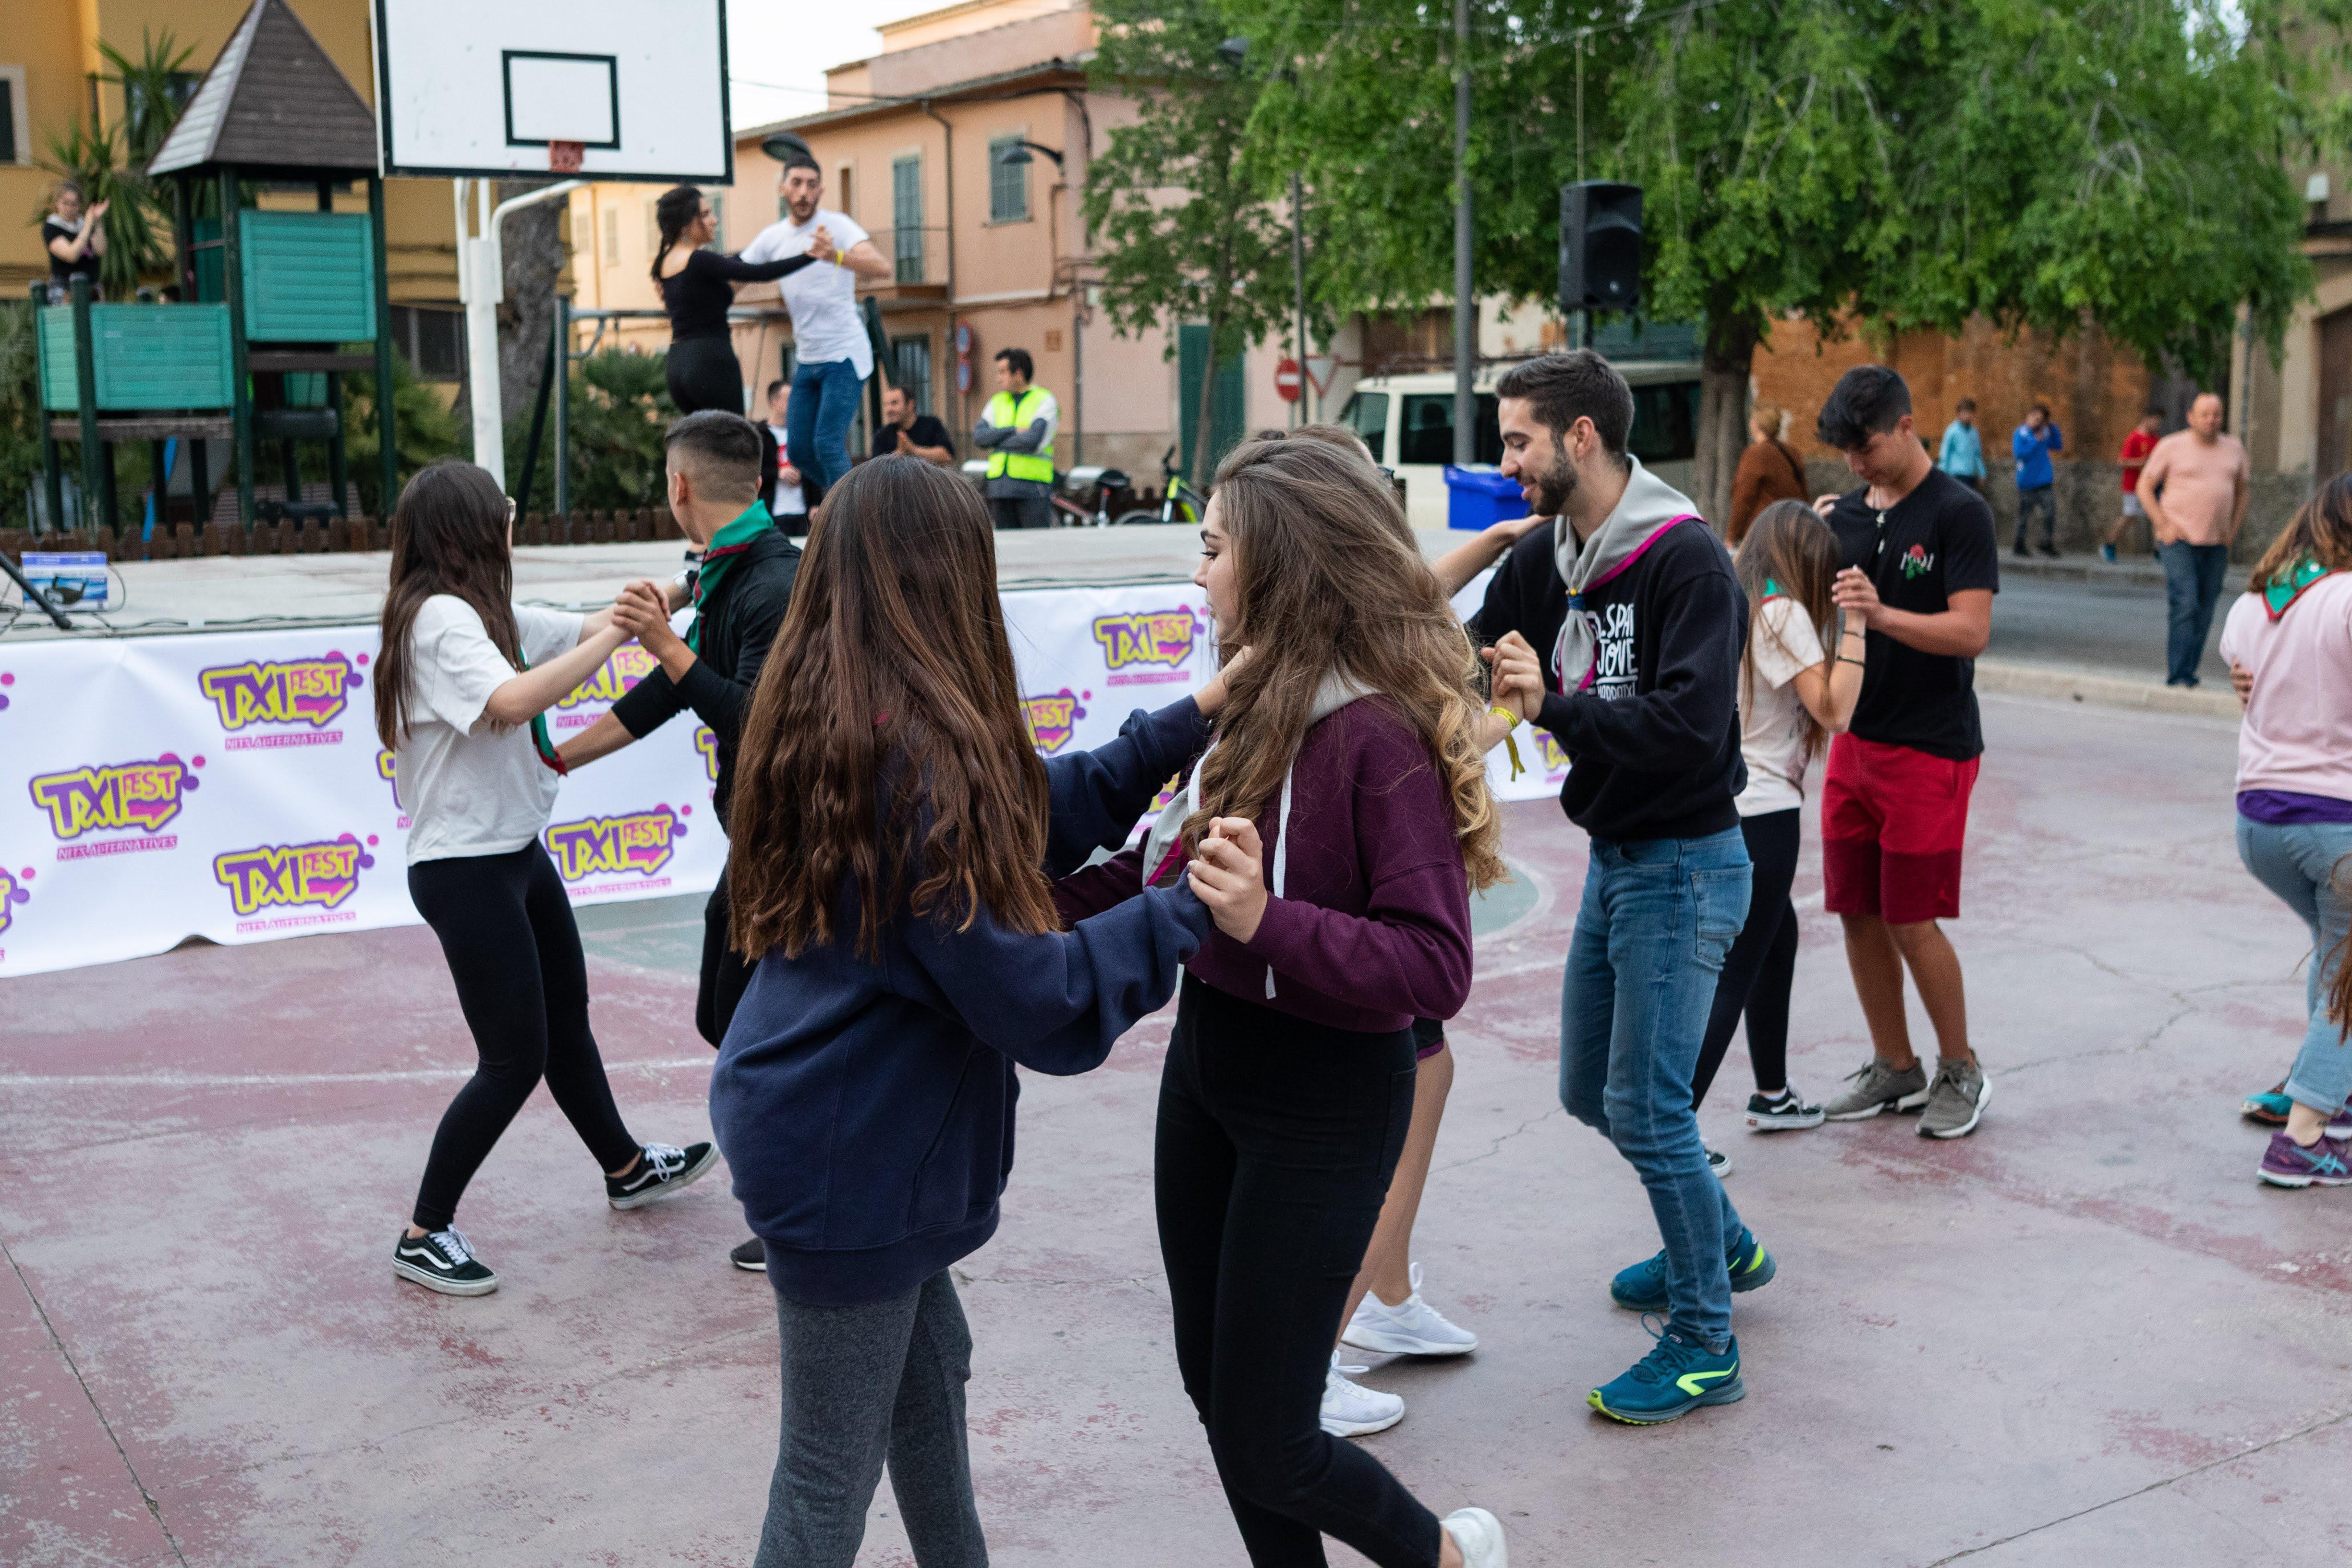 , Unes 200 persones varen gaudir de la primera edició de 'Txifest', que va oferir tot tipus d'activitats per als joves dins de l'oci alternatiu